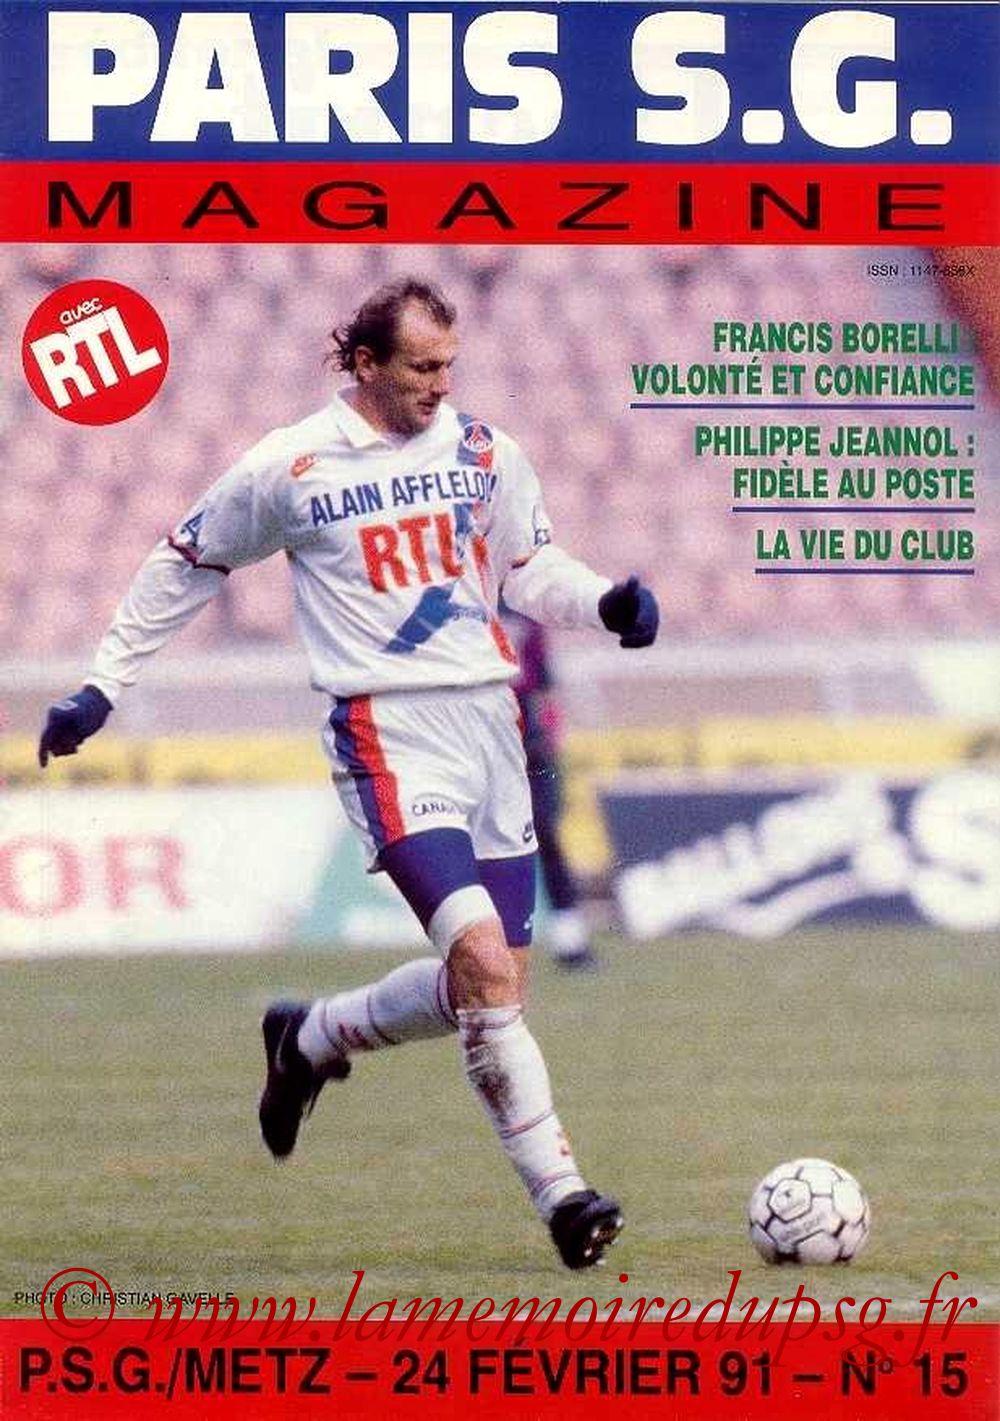 1991-02-24  PSG-Metz (28ème D1, Paris SG Magazine N°15)